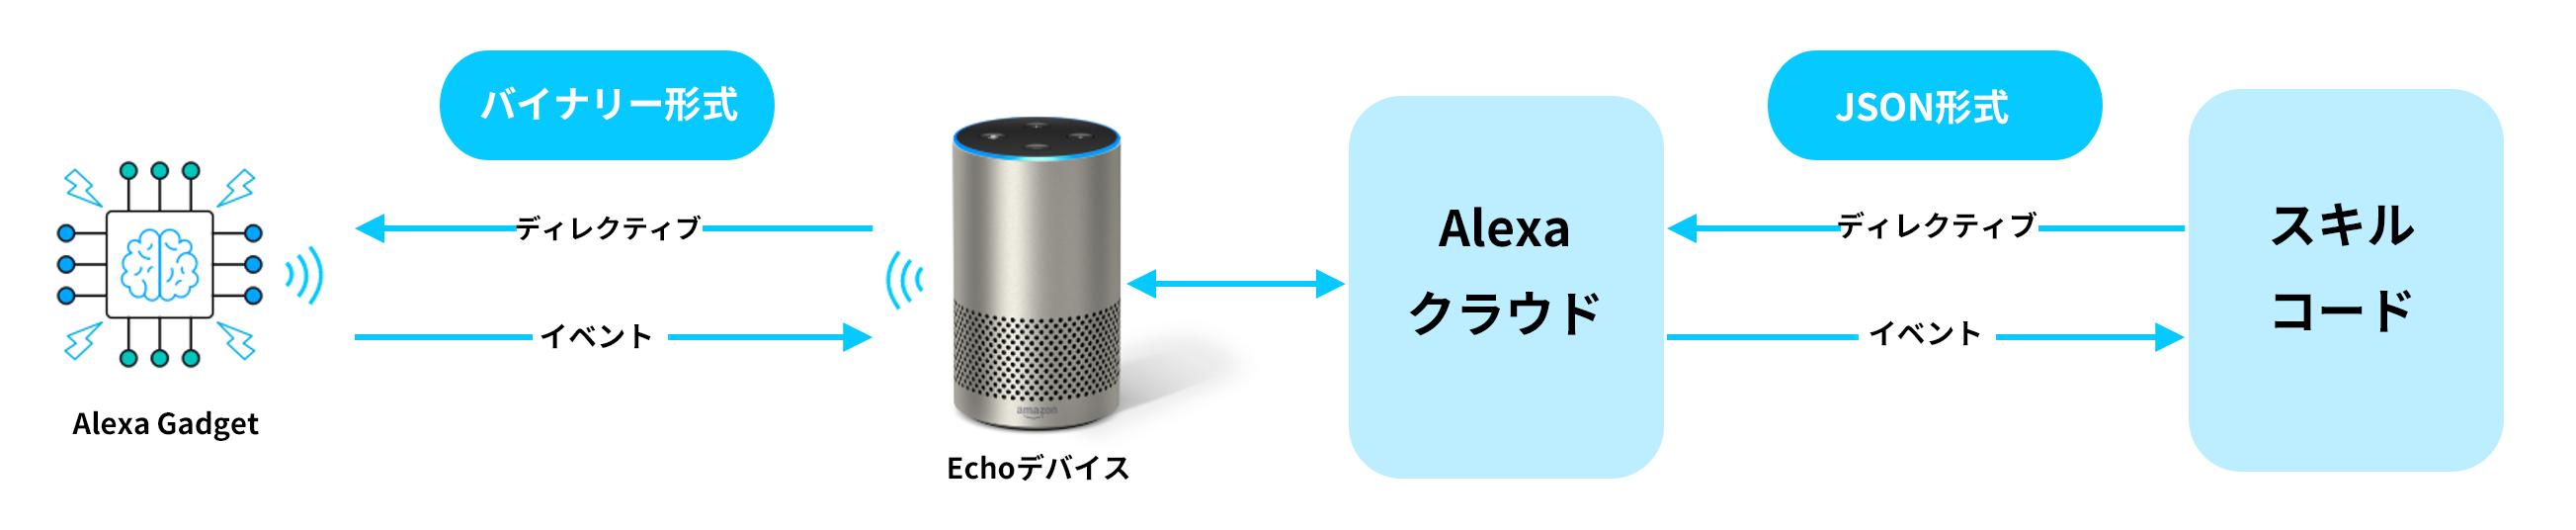 Alexa GadgetからAlexaスキルへのディレクティブとイベントの流れ